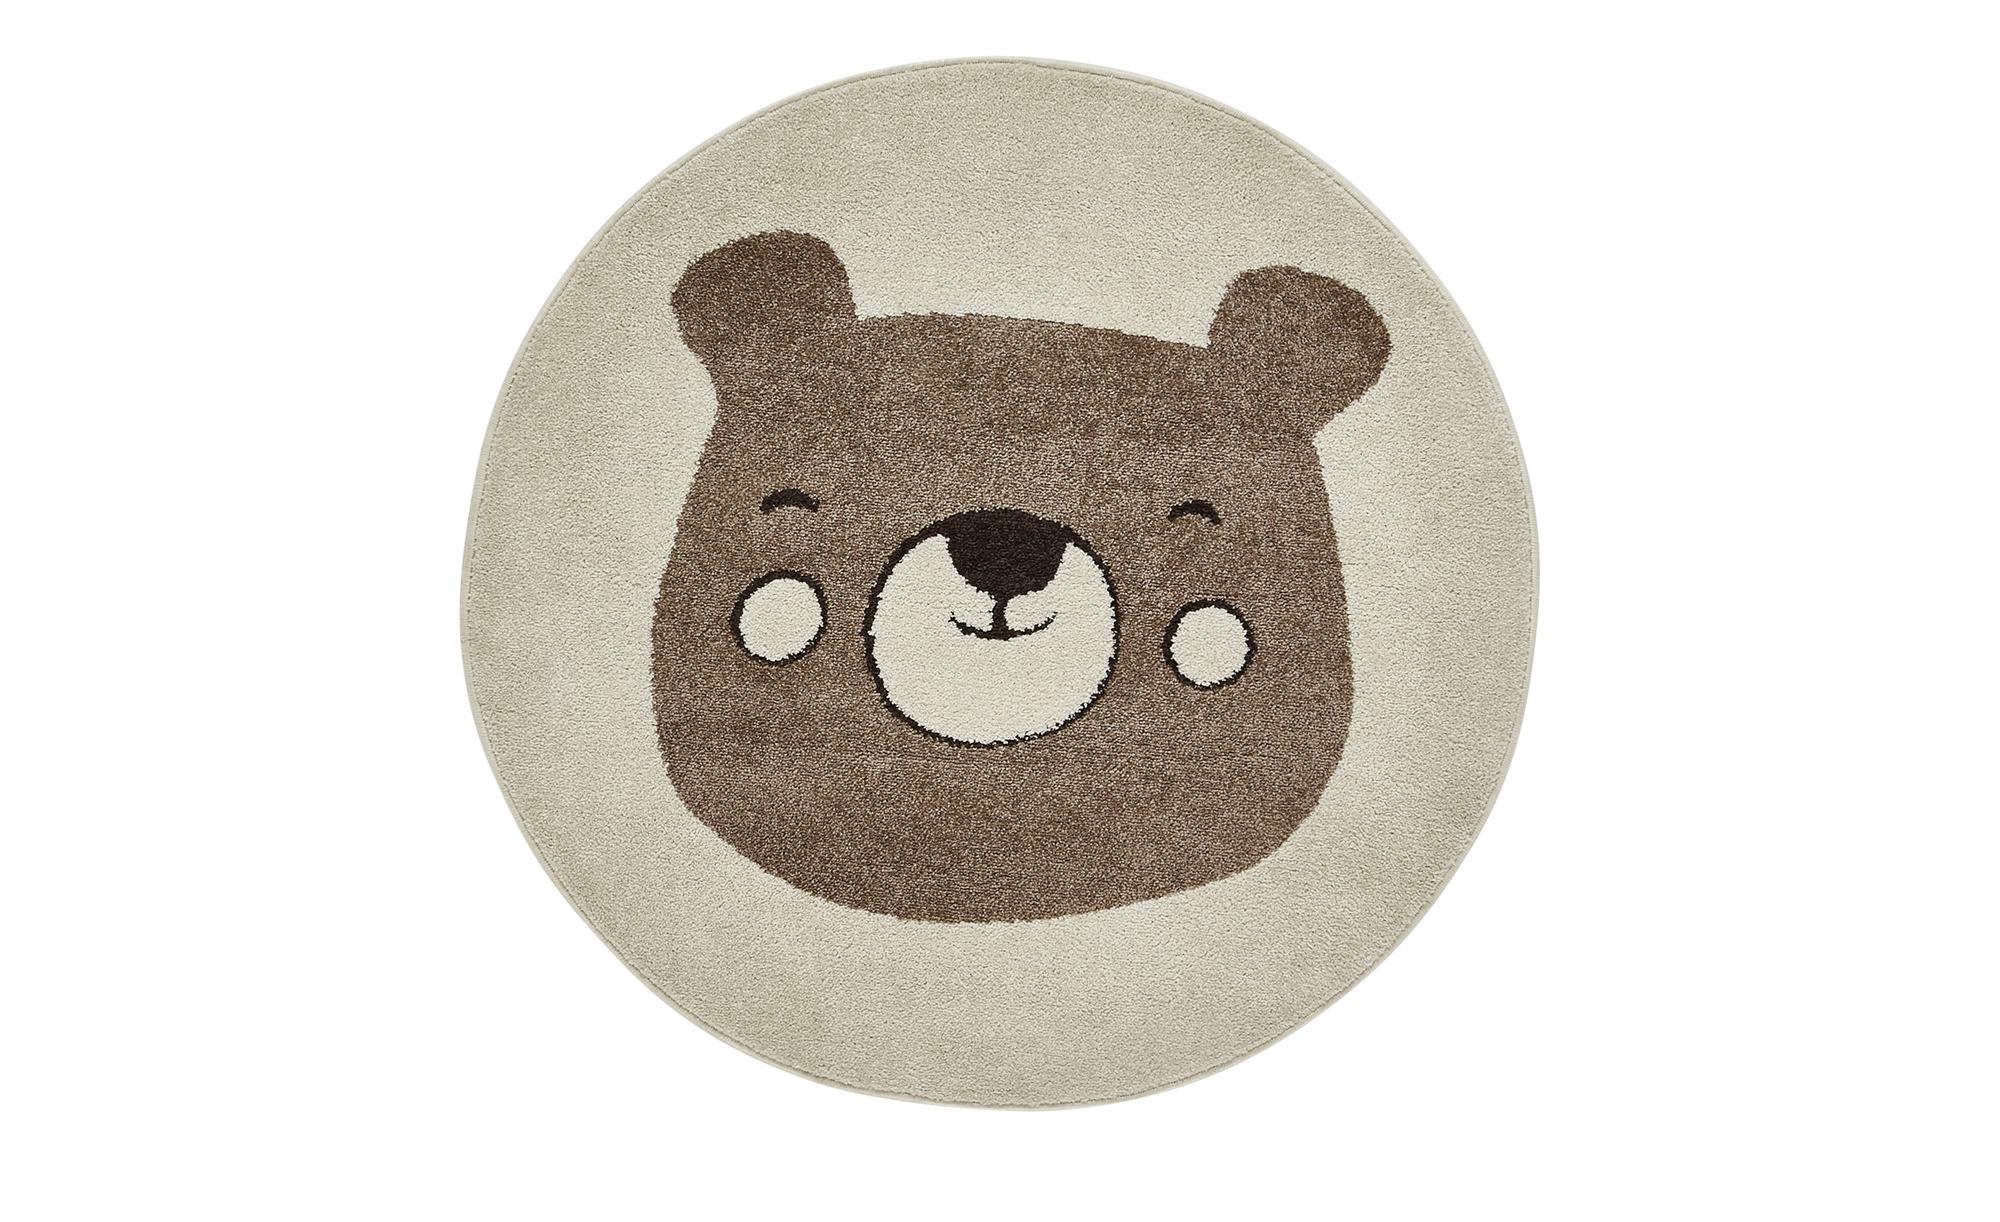 Kinderteppich   Bärengesicht Ida ¦ creme ¦ 100% Polypropylen, Synthethische FasernØ: [120.0] Teppiche > Kinderteppiche - Höffner